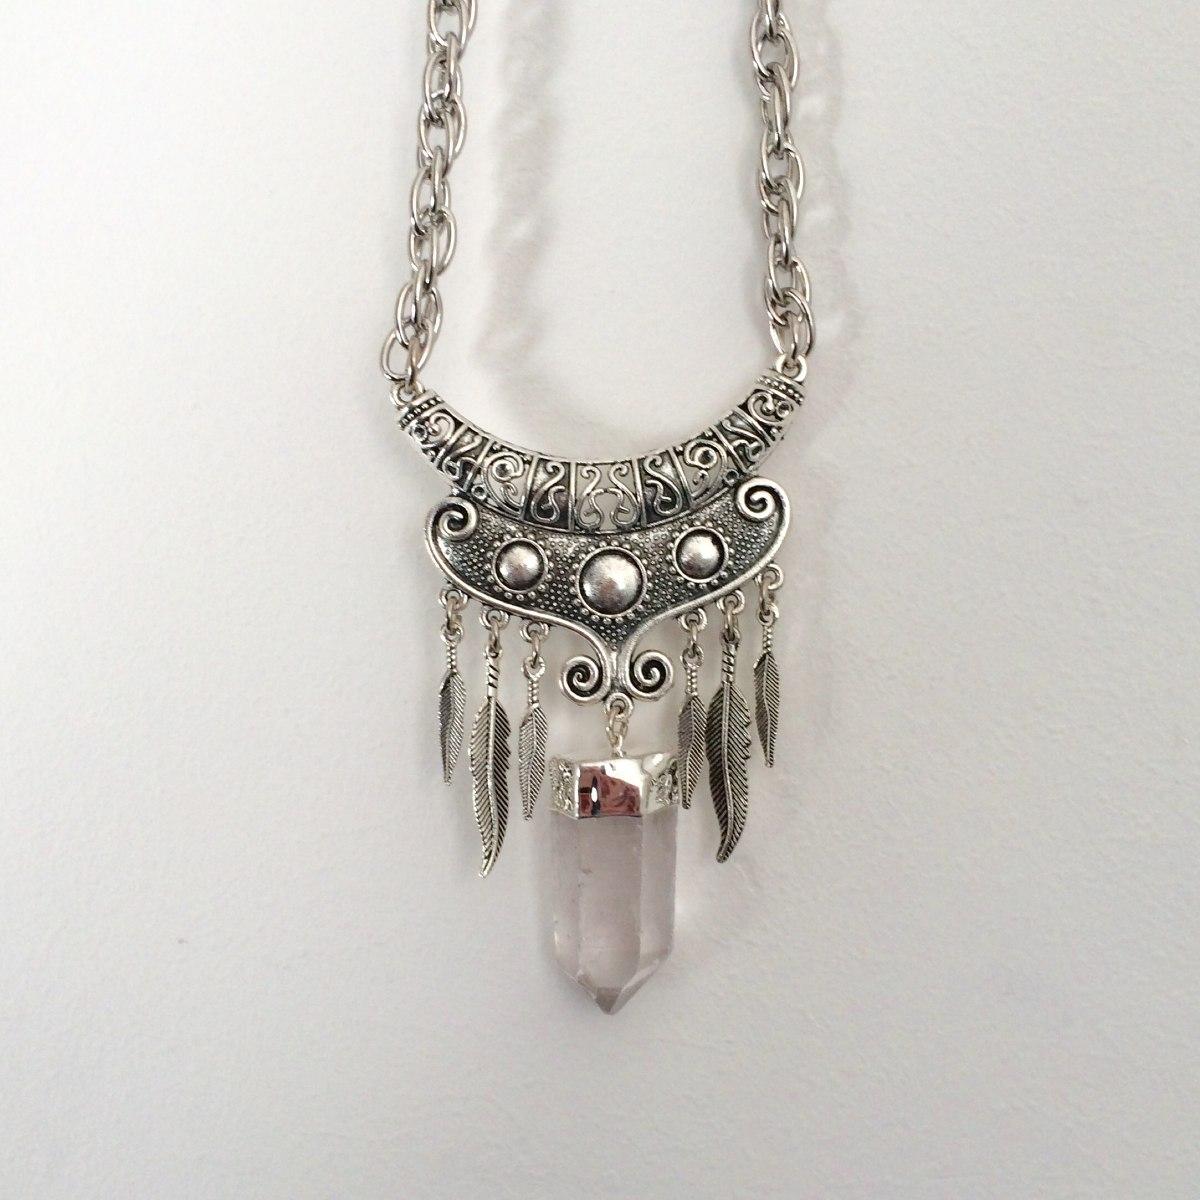 11b6f71ac833 collar cuarzo cristal cadena de metal largo medio. Cargando zoom.